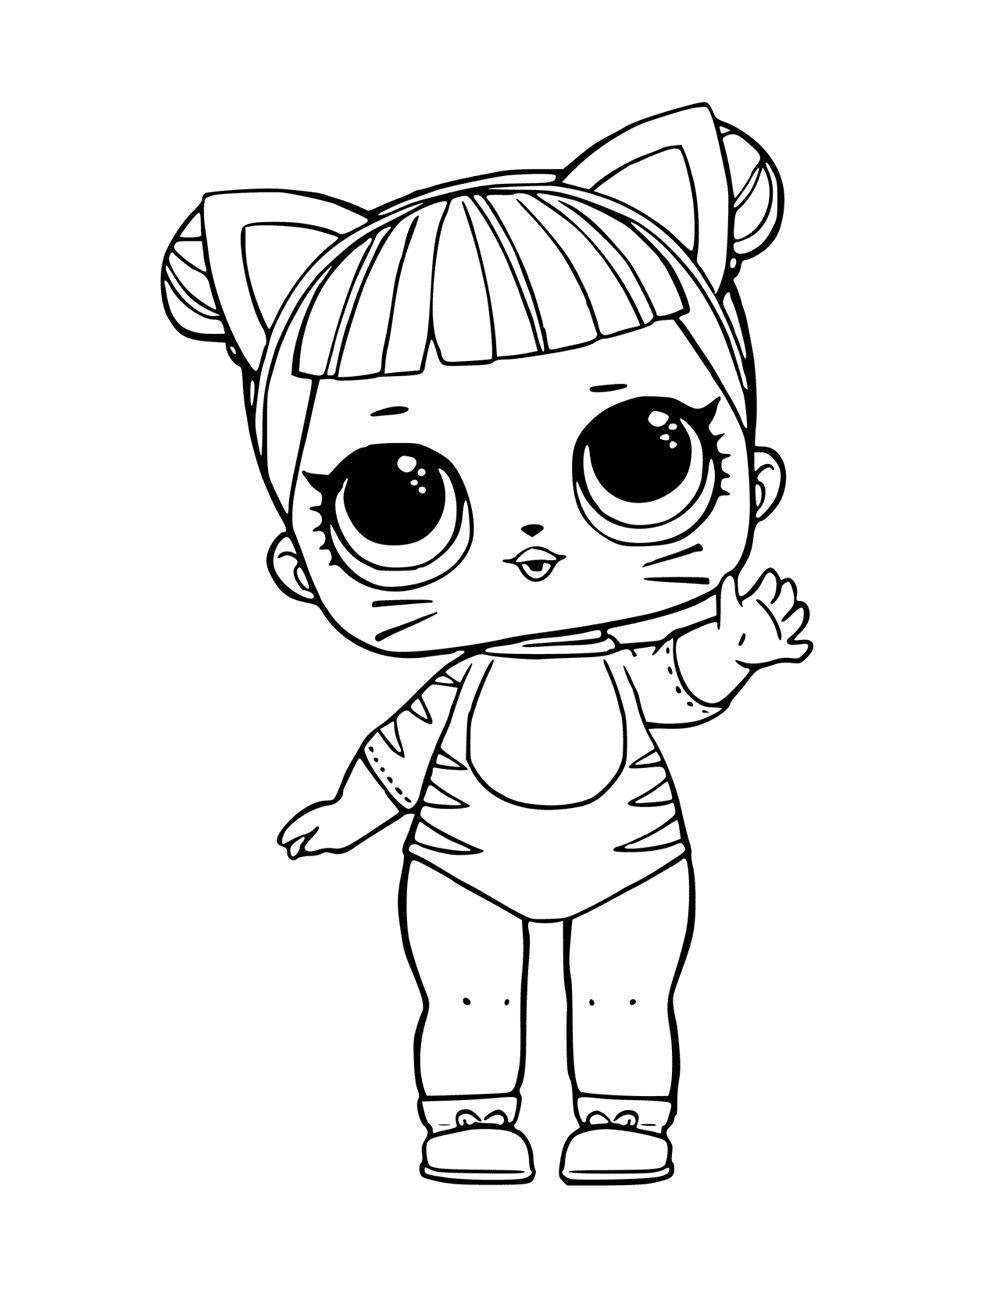 Кукла ЛОЛ кошка - Куклы LOL - Раскраски антистресс